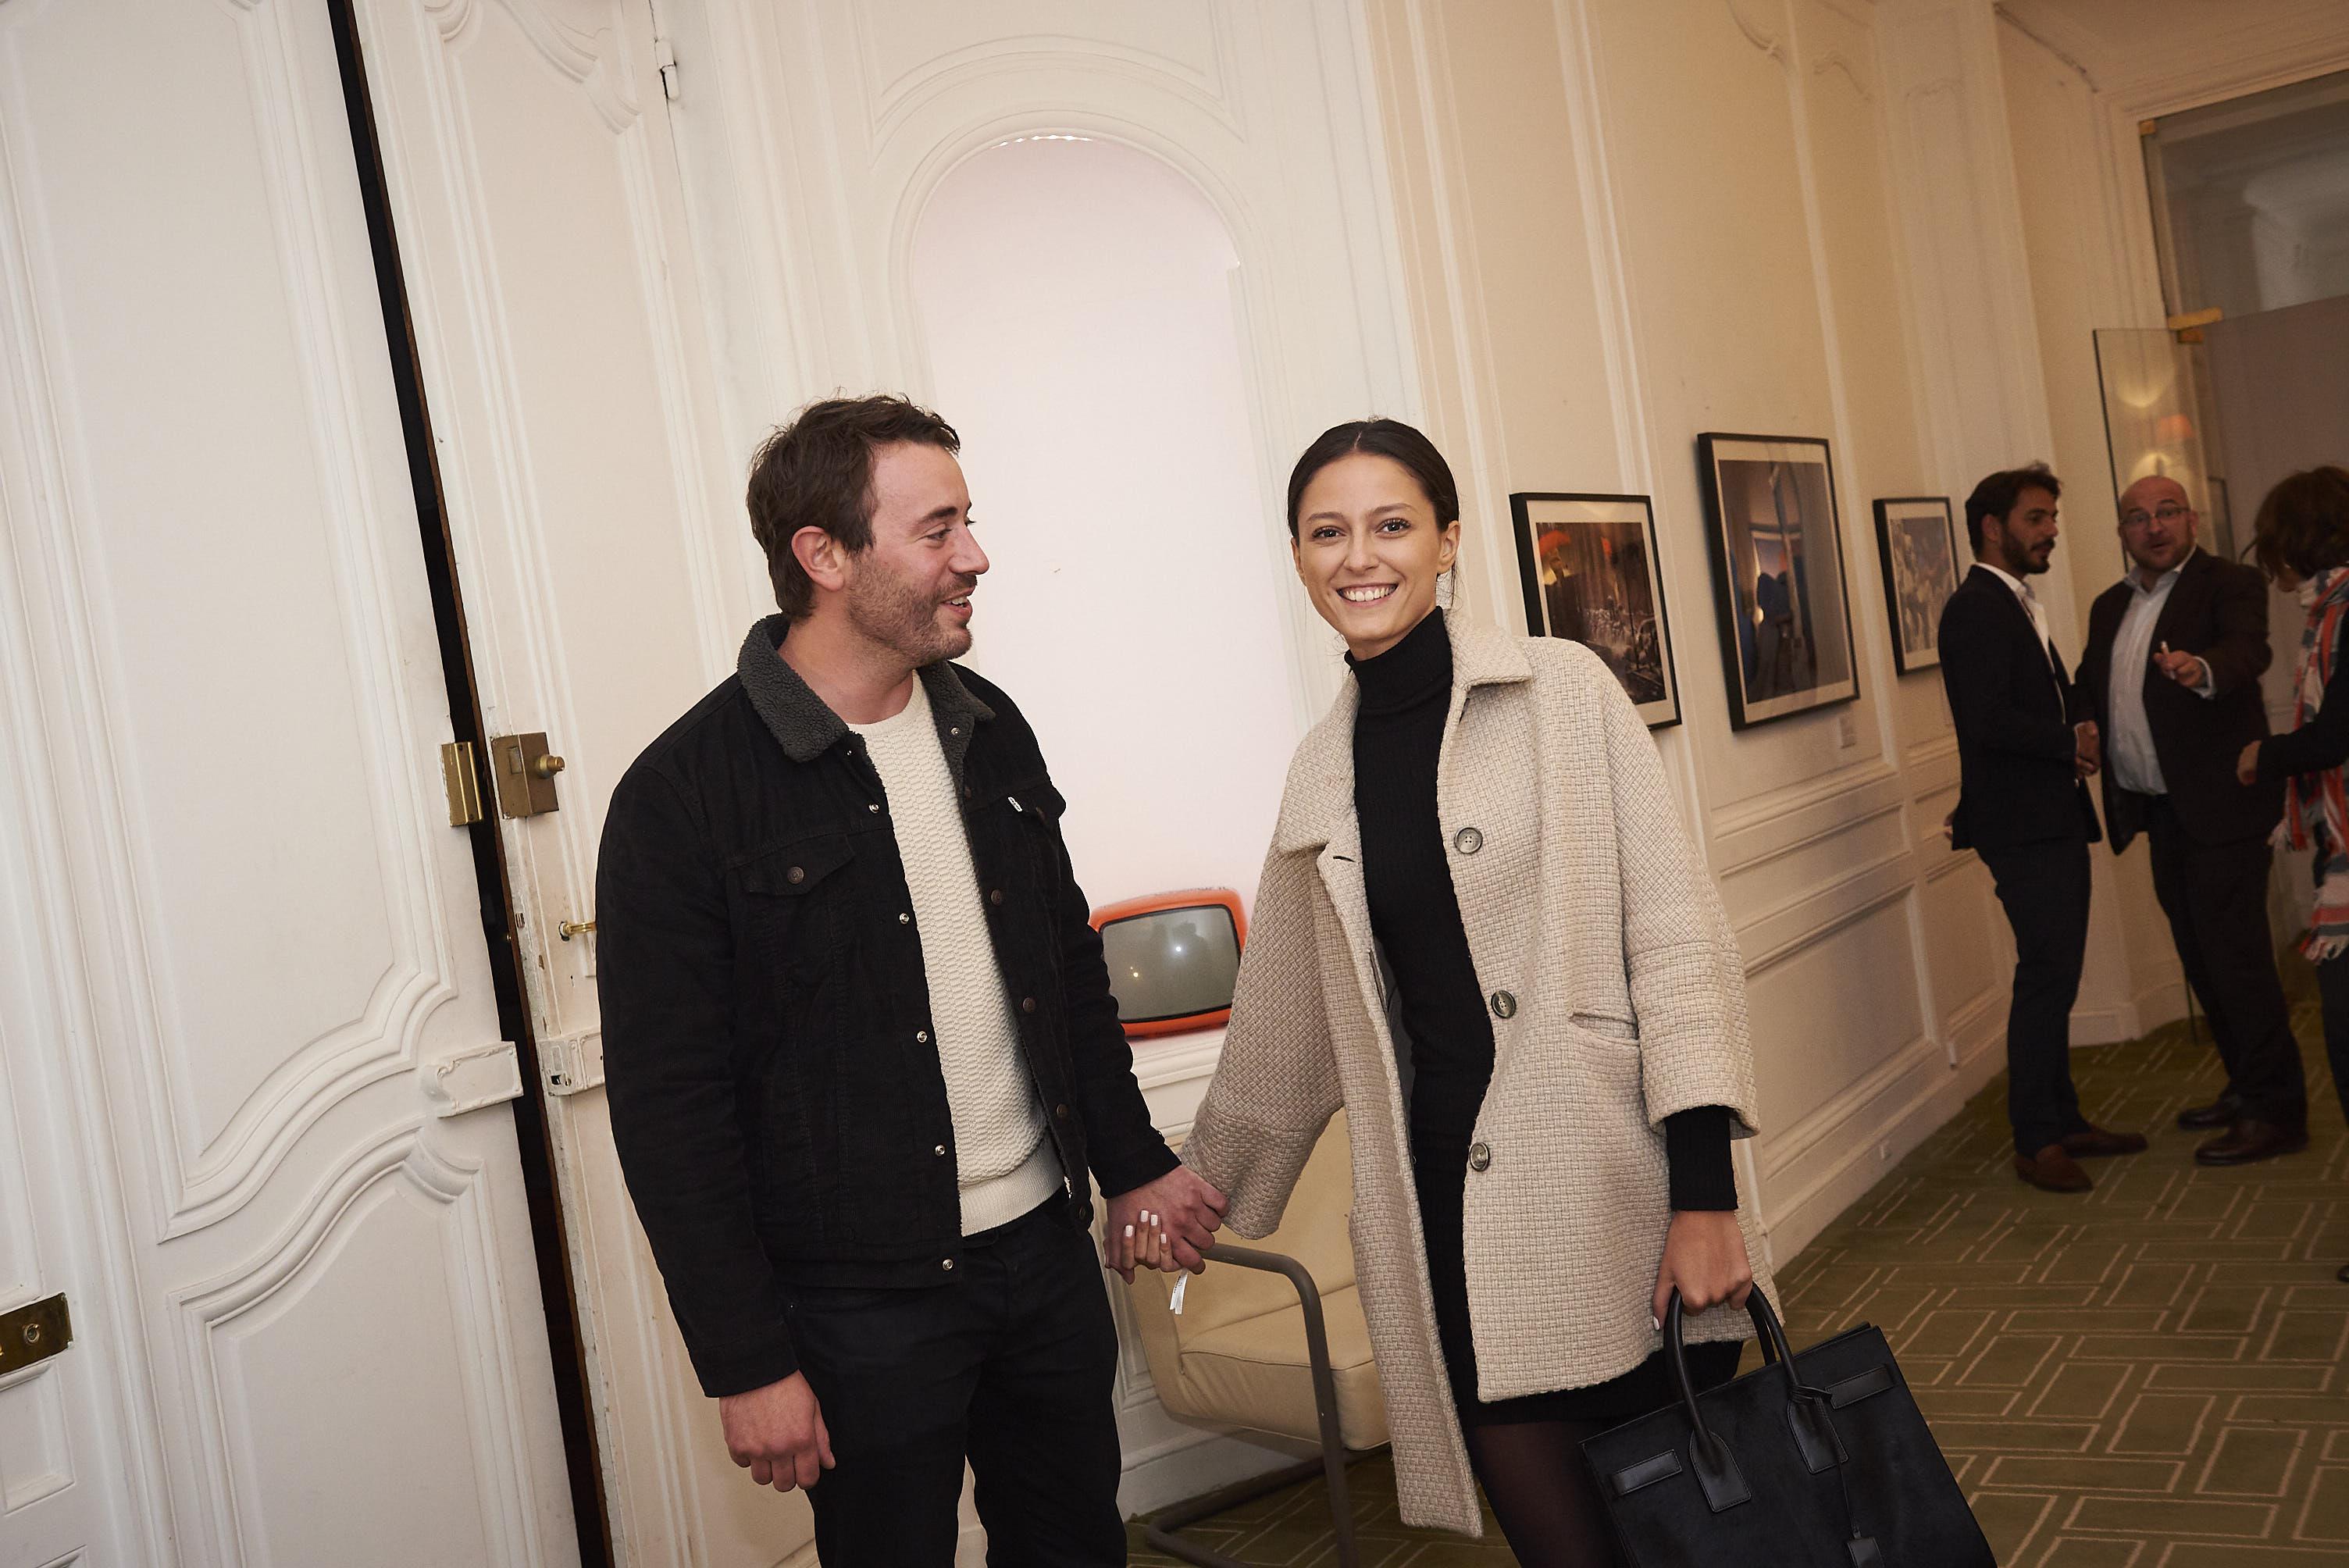 Bétina Orsetti & Yaniss Lespert